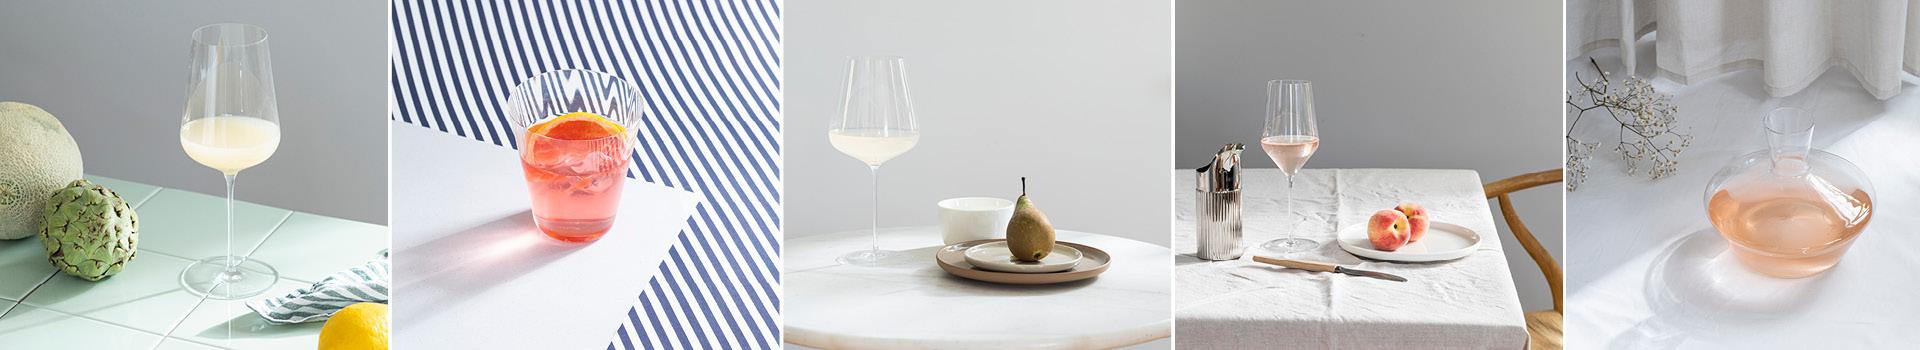 Zalto-vinglass-d-sommer.jpg